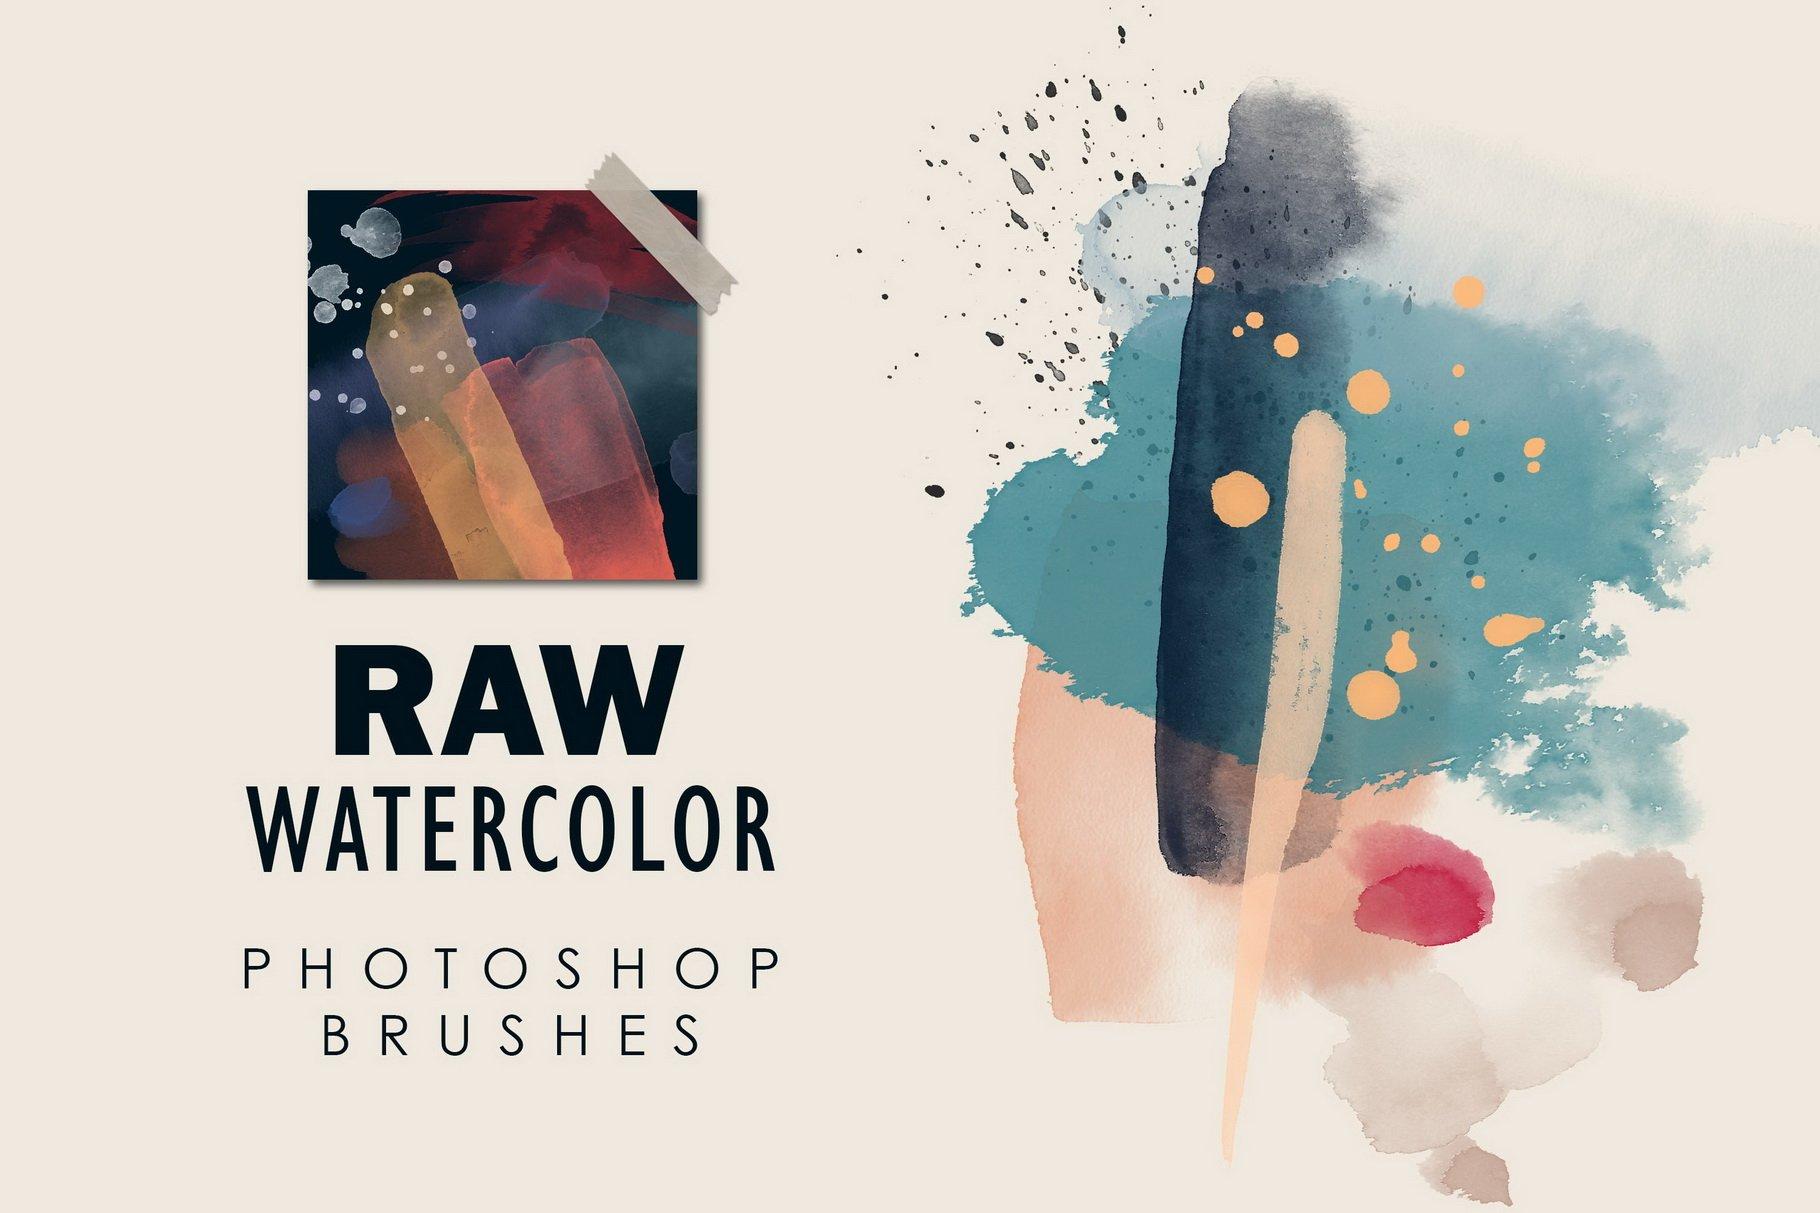 775款艺术气息水彩水墨丙烯酸绘画效果PS图章笔刷素材 Photoshop Stamp Brushes Bundle 2020插图13